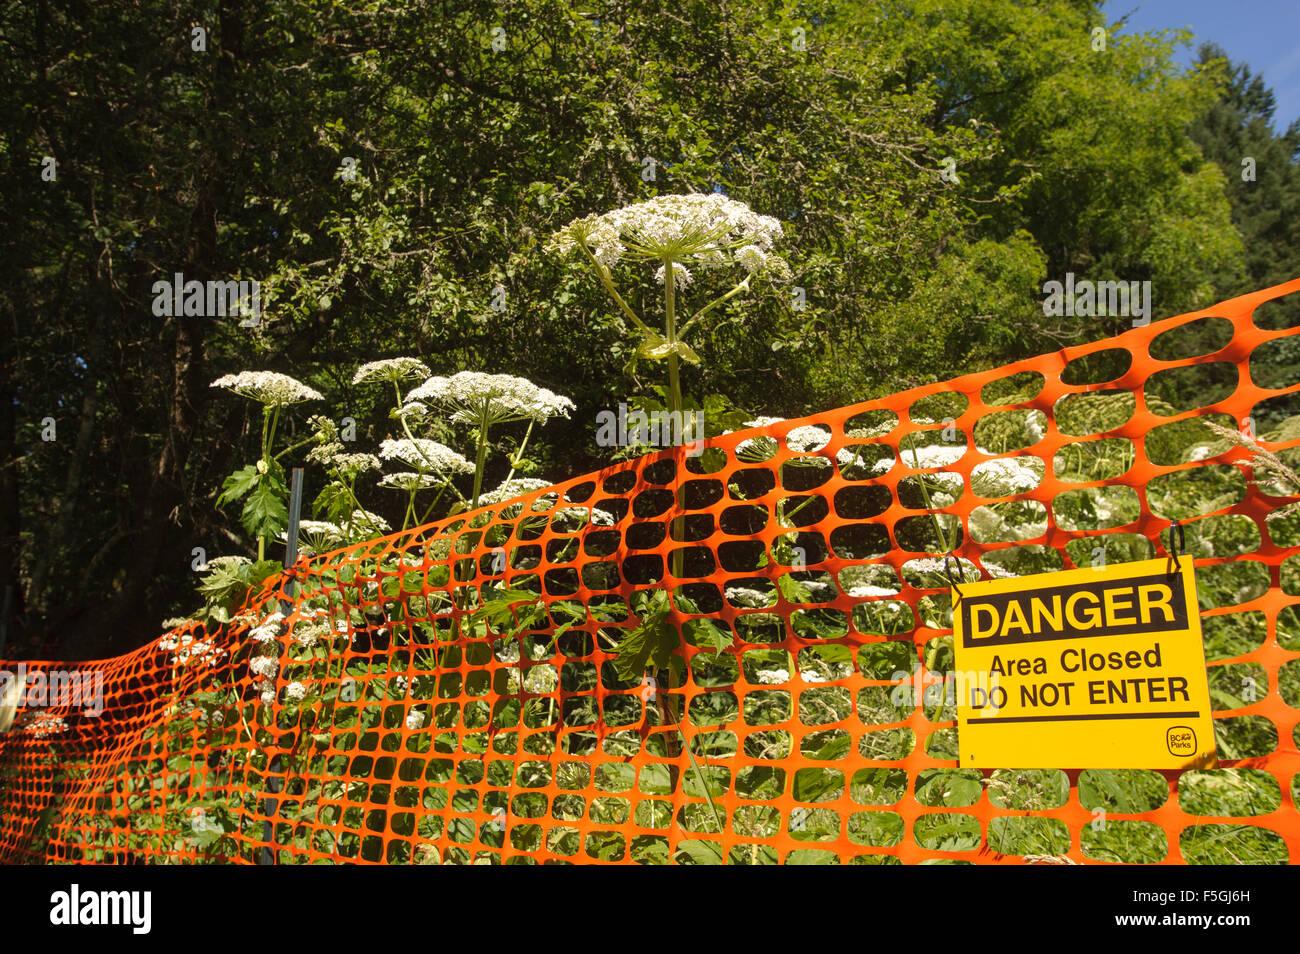 Danger Poisonous Plants Sign Stock Photos & Danger Poisonous Plants ...